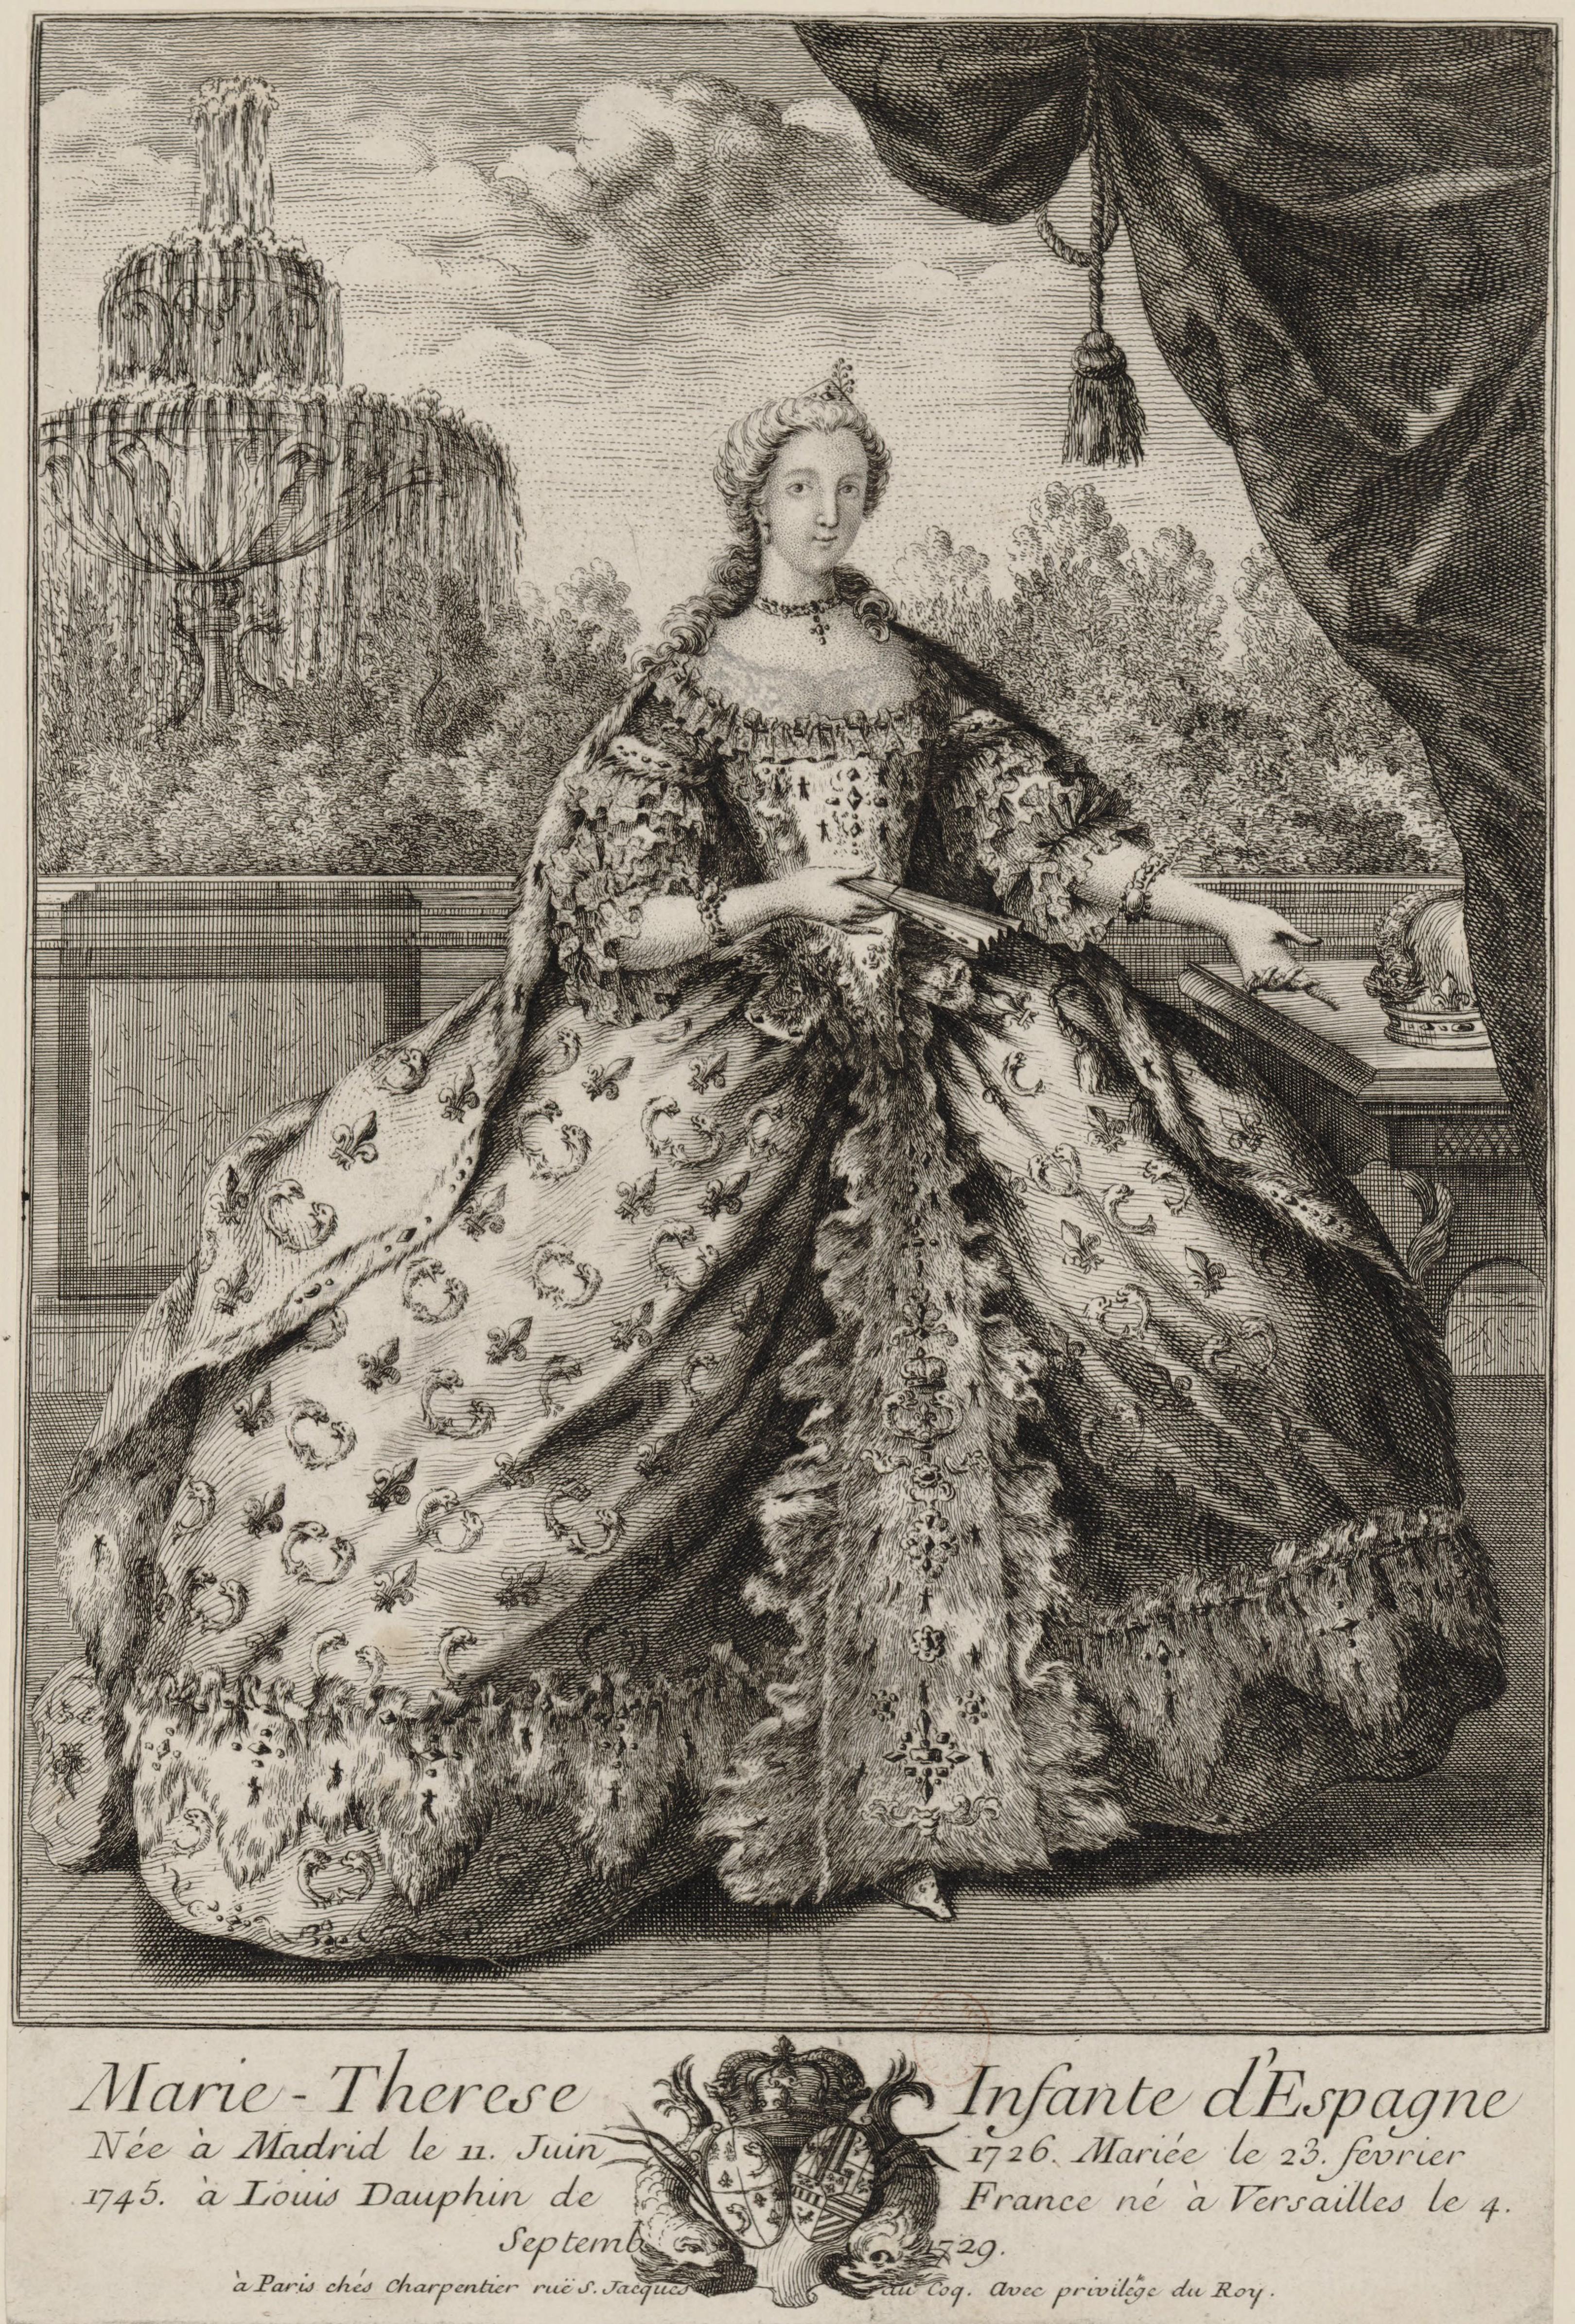 1726 in France